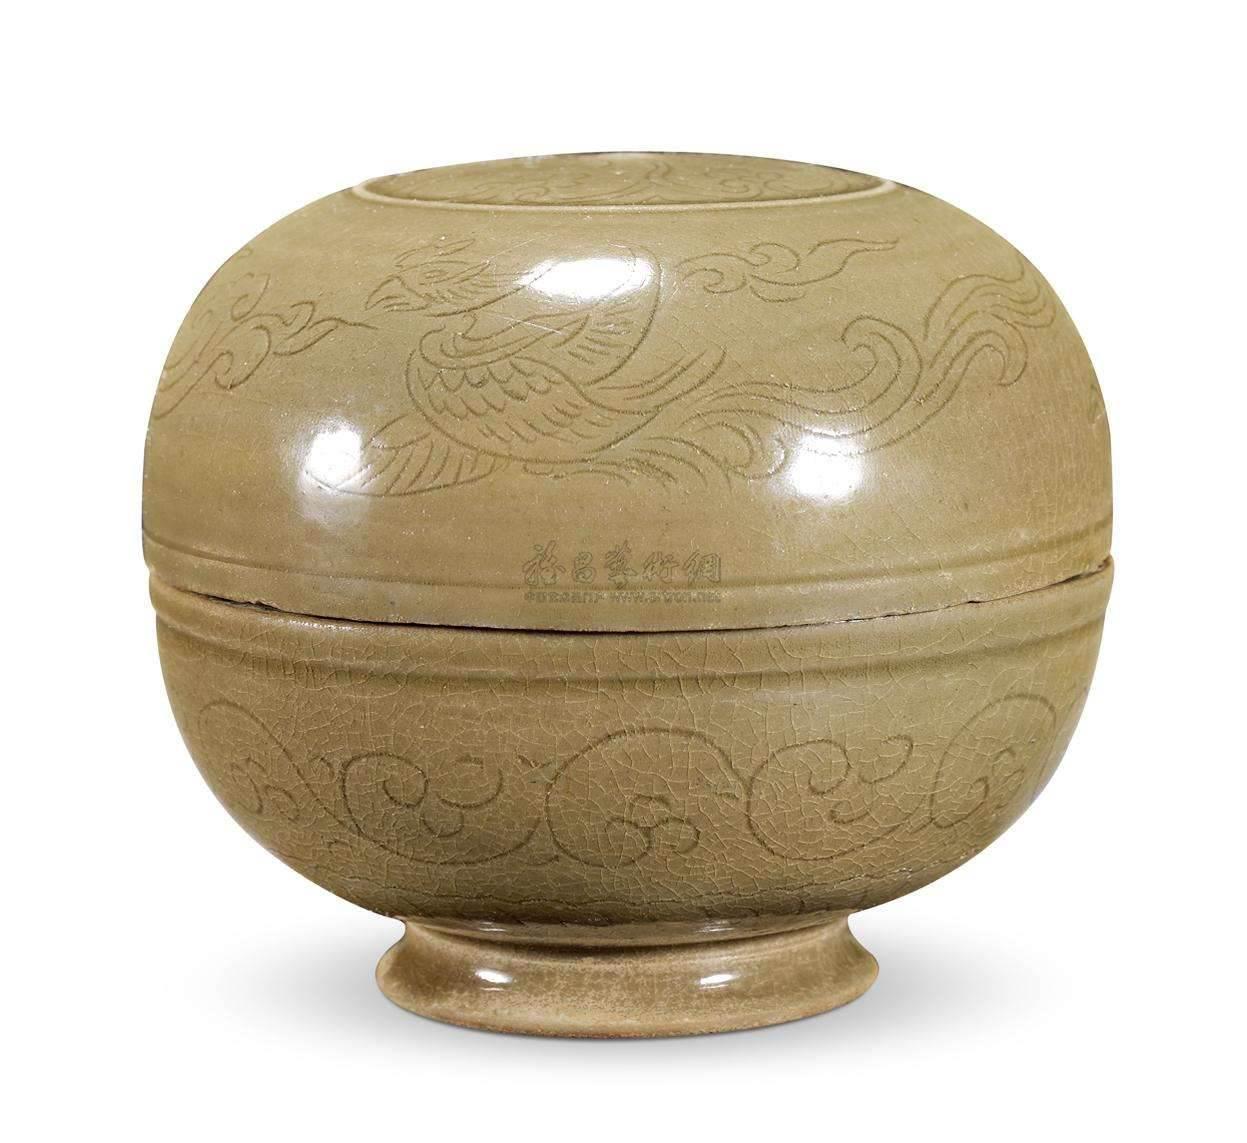 越窑青瓷市场价值